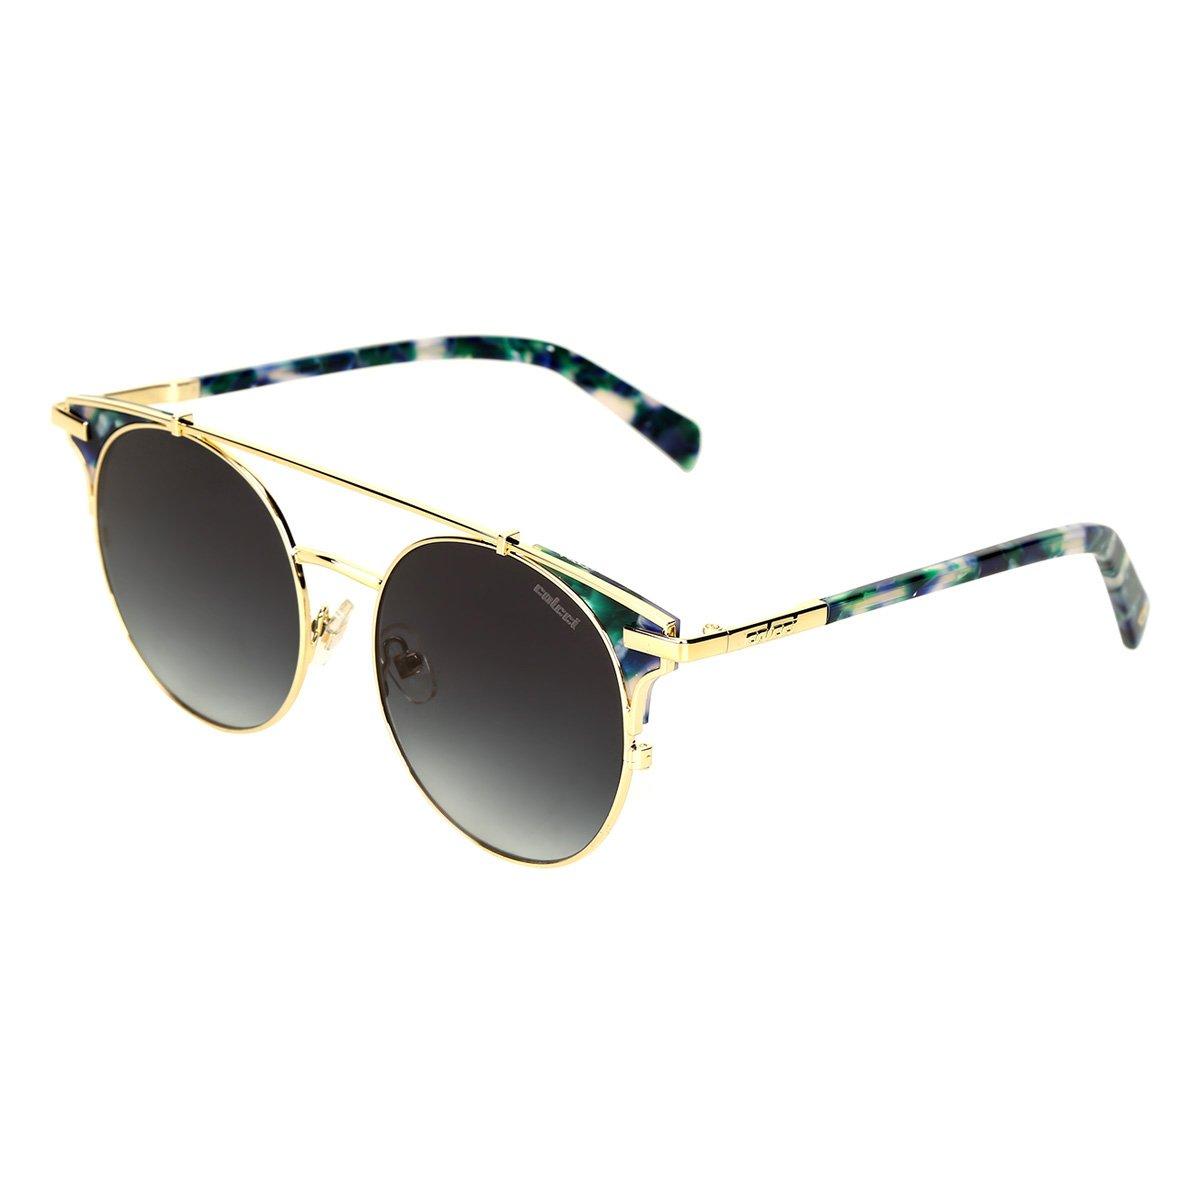 8fed627b5 Óculos | Livelo -Sua Vida com Mais Recompensas